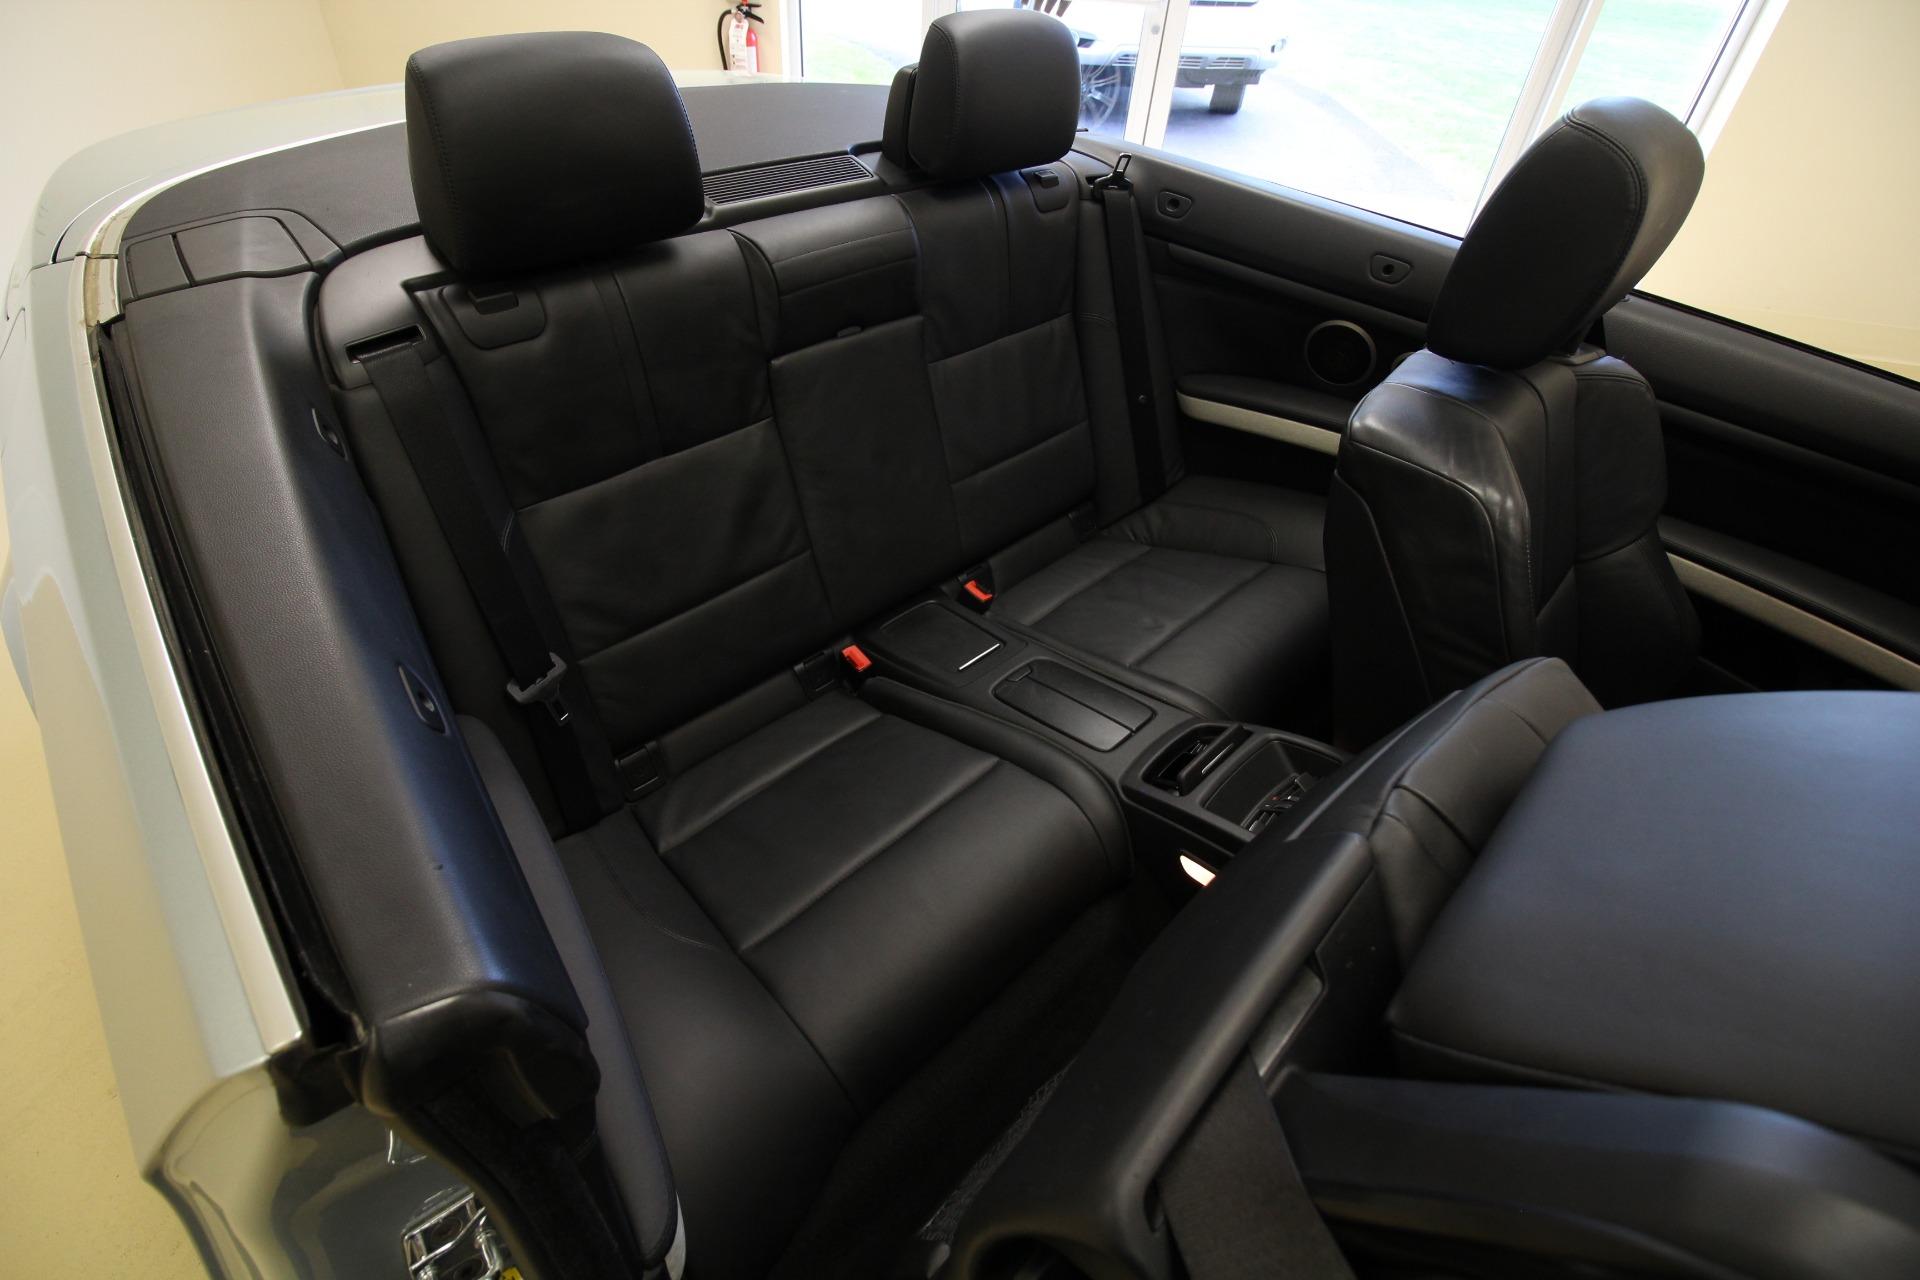 Used 2008 BMW M3 ConvertibleSUPER RARE 6 SPEED MANUALLOADEDEDC | Albany, NY